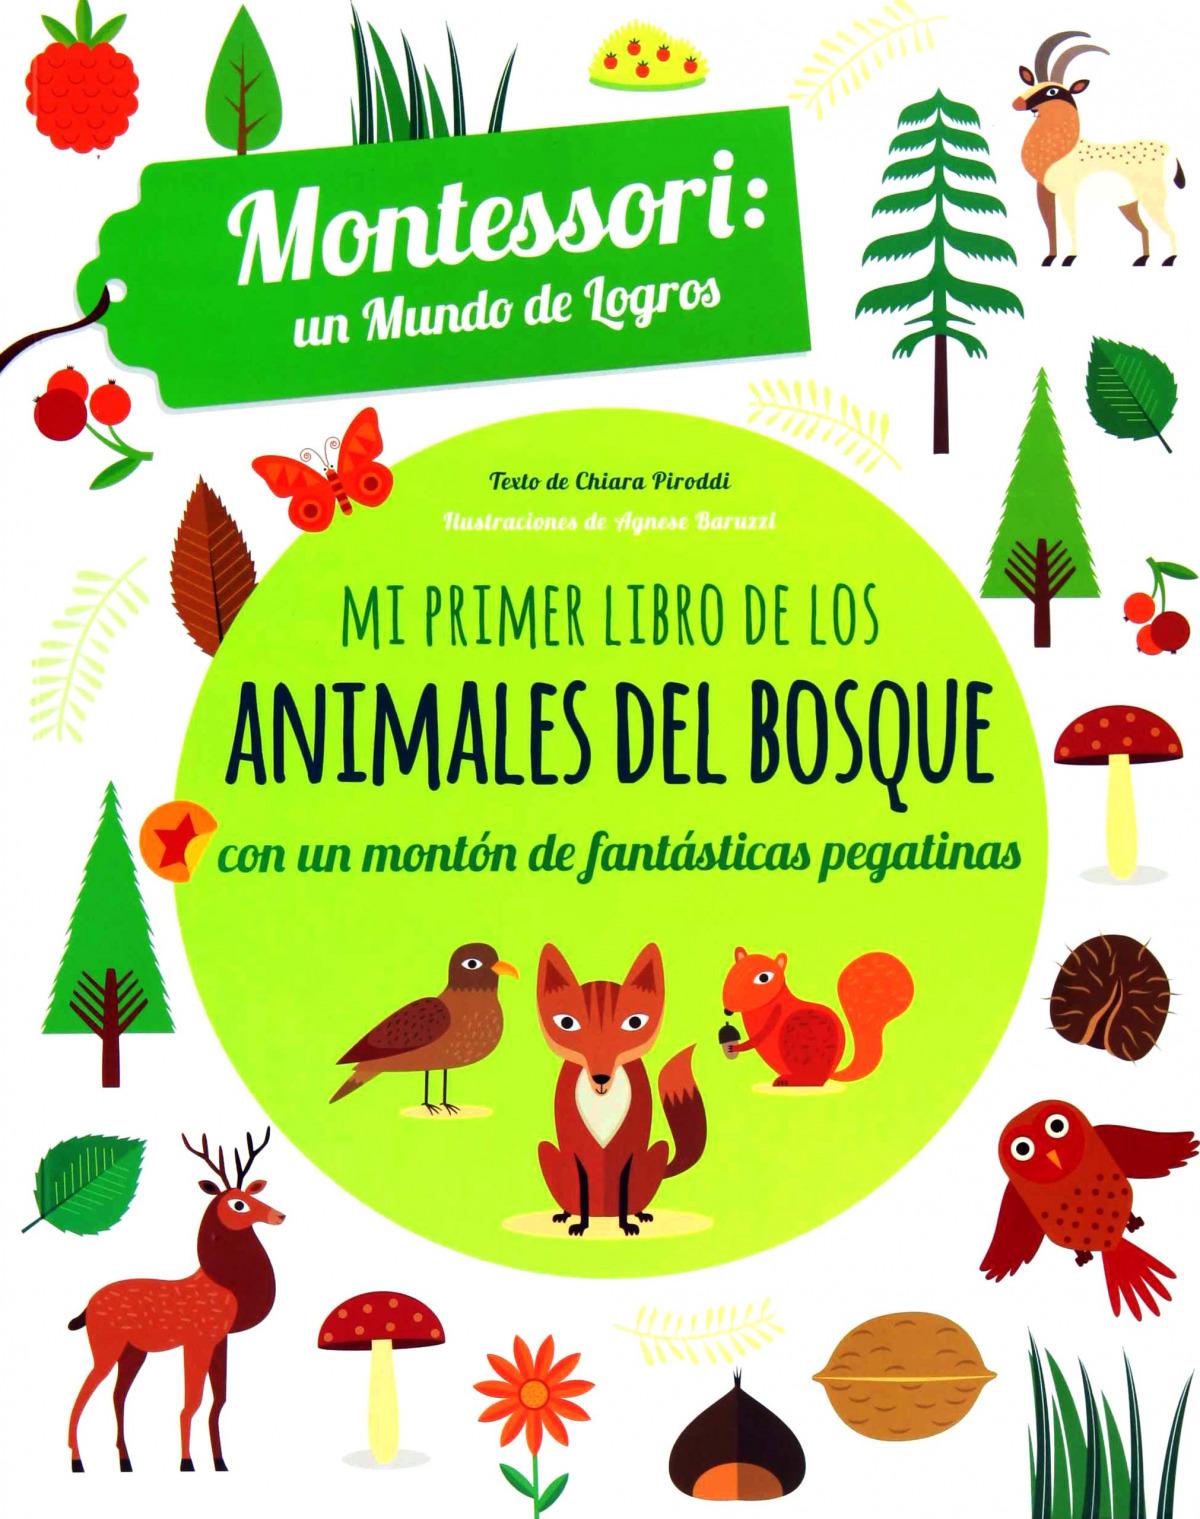 MI PRIMER LIBRO DE LOS ANIMALES DEL BOSQUE CON PEGATINAS MONTESSORI UN MUNDO DE LOGROS 9788468254159